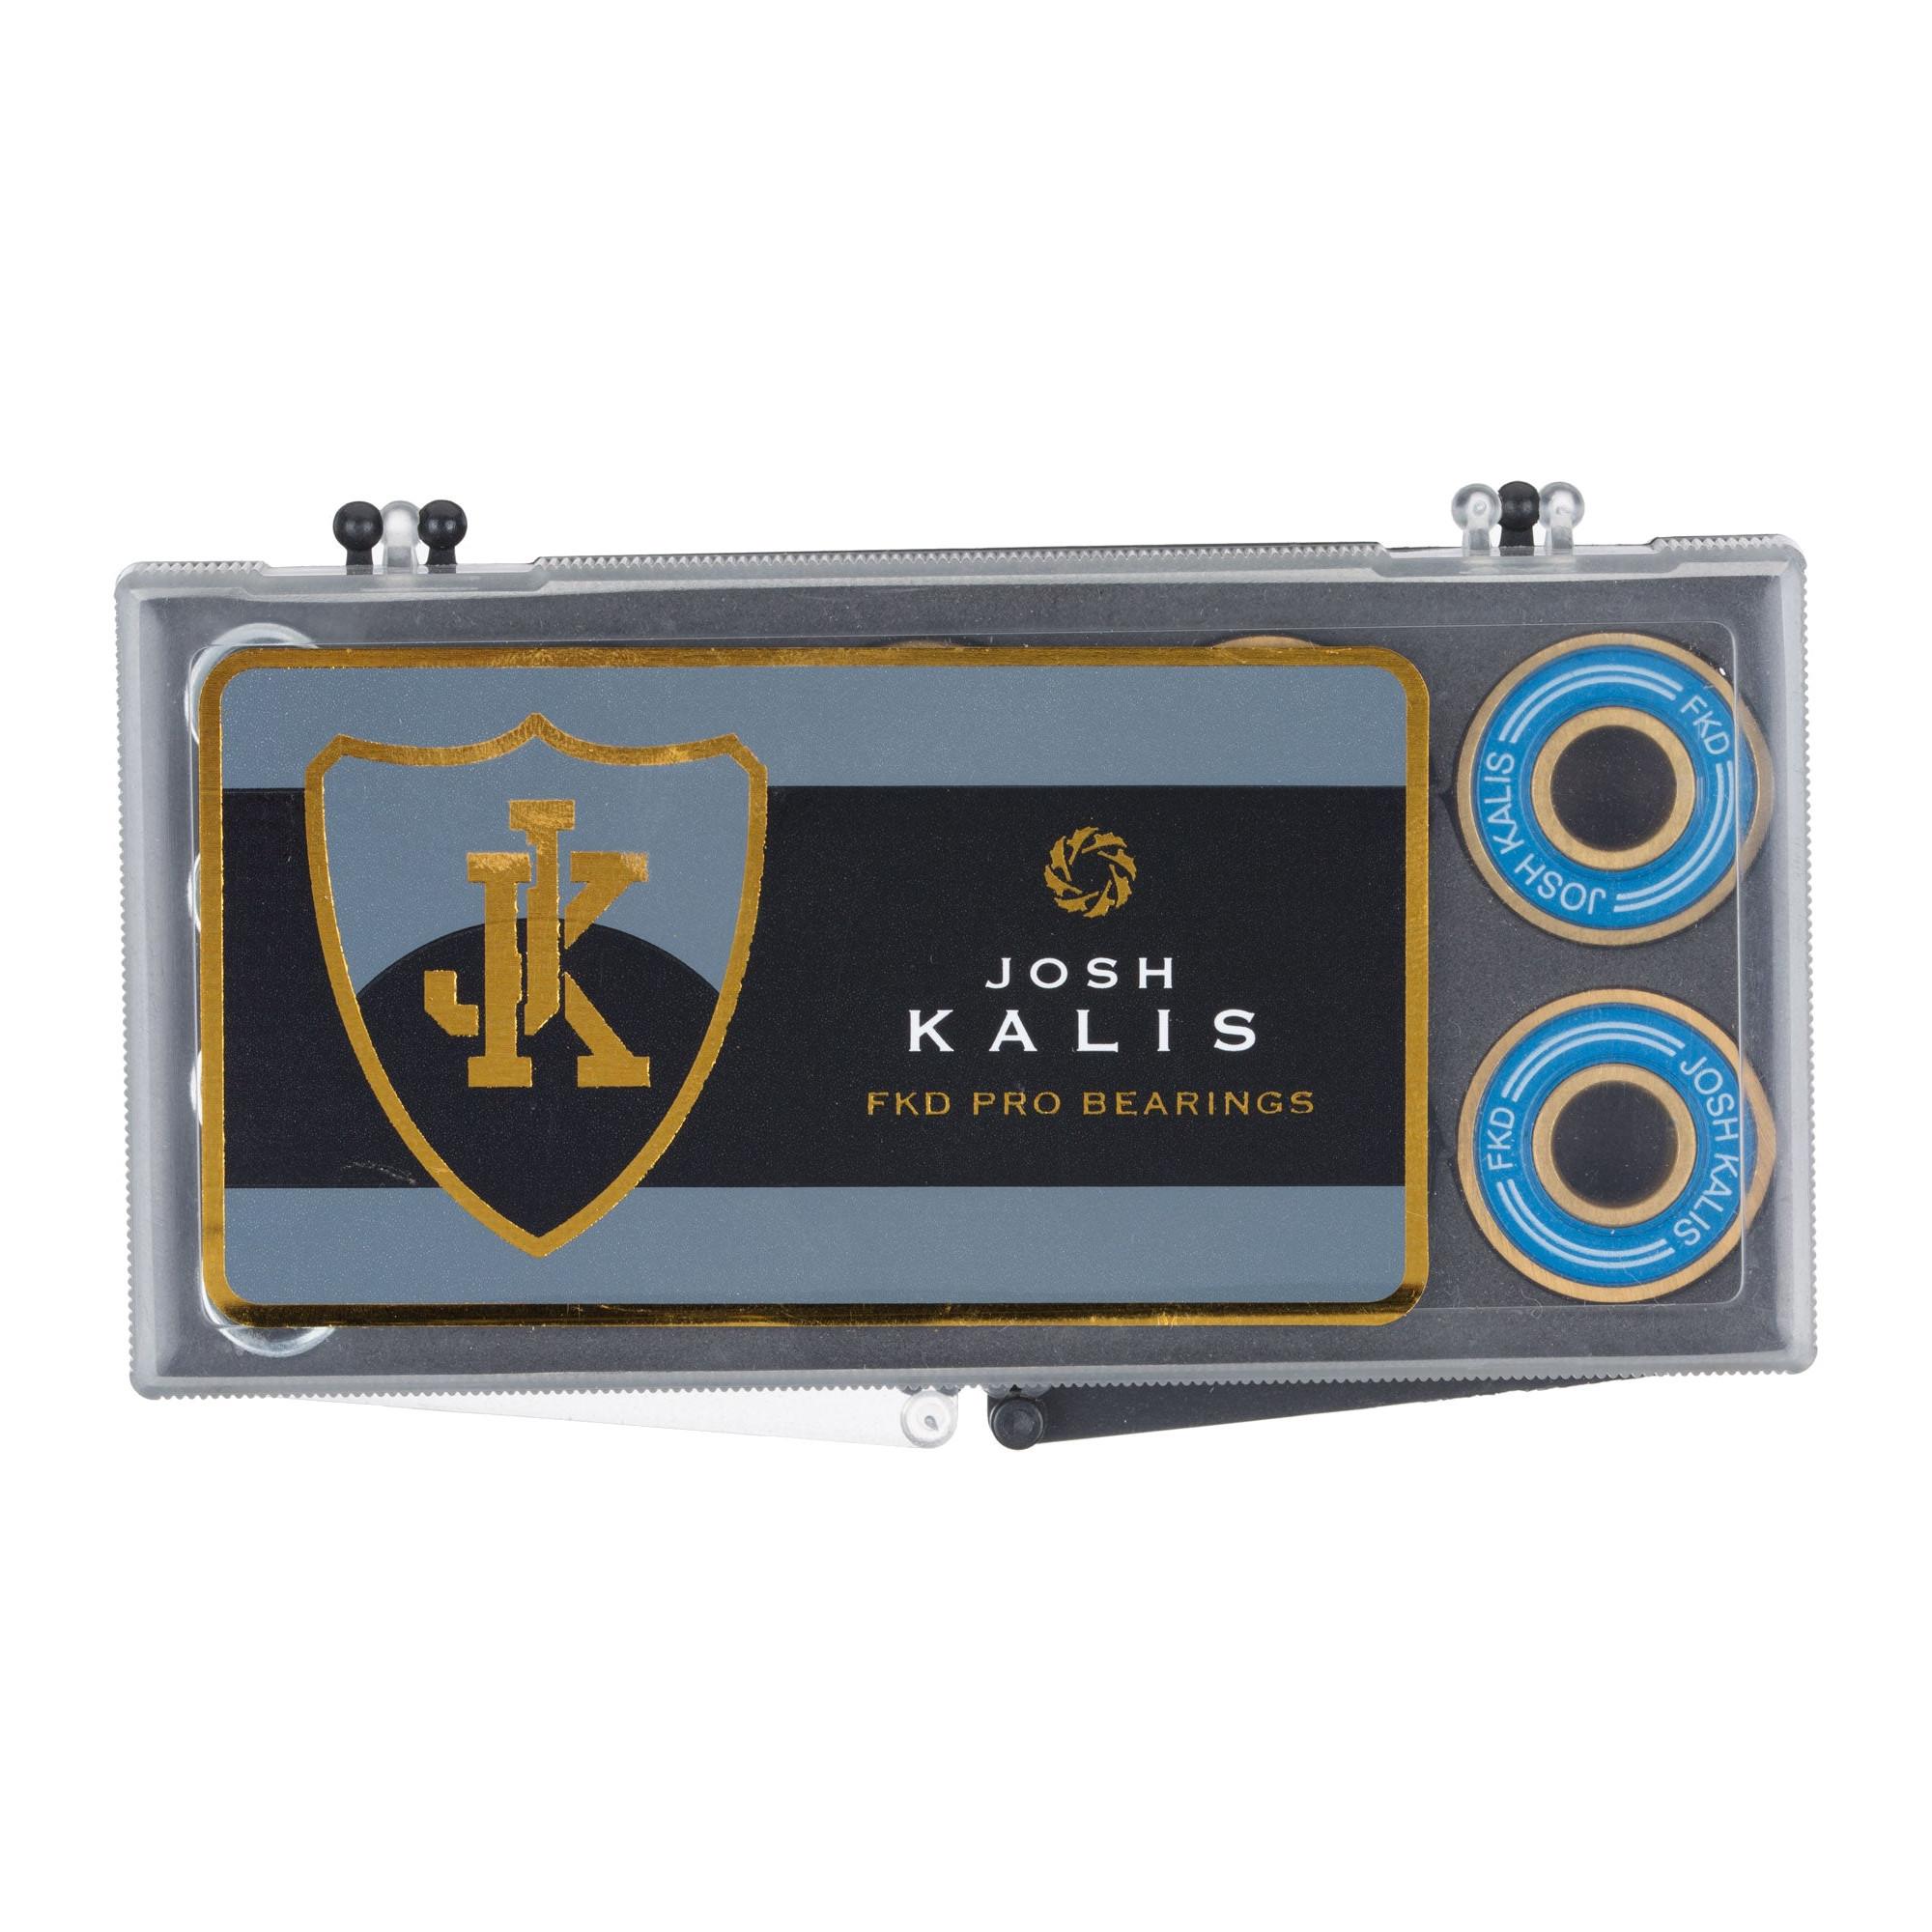 Подшипники для скейта FKD Pro Josh Kalis